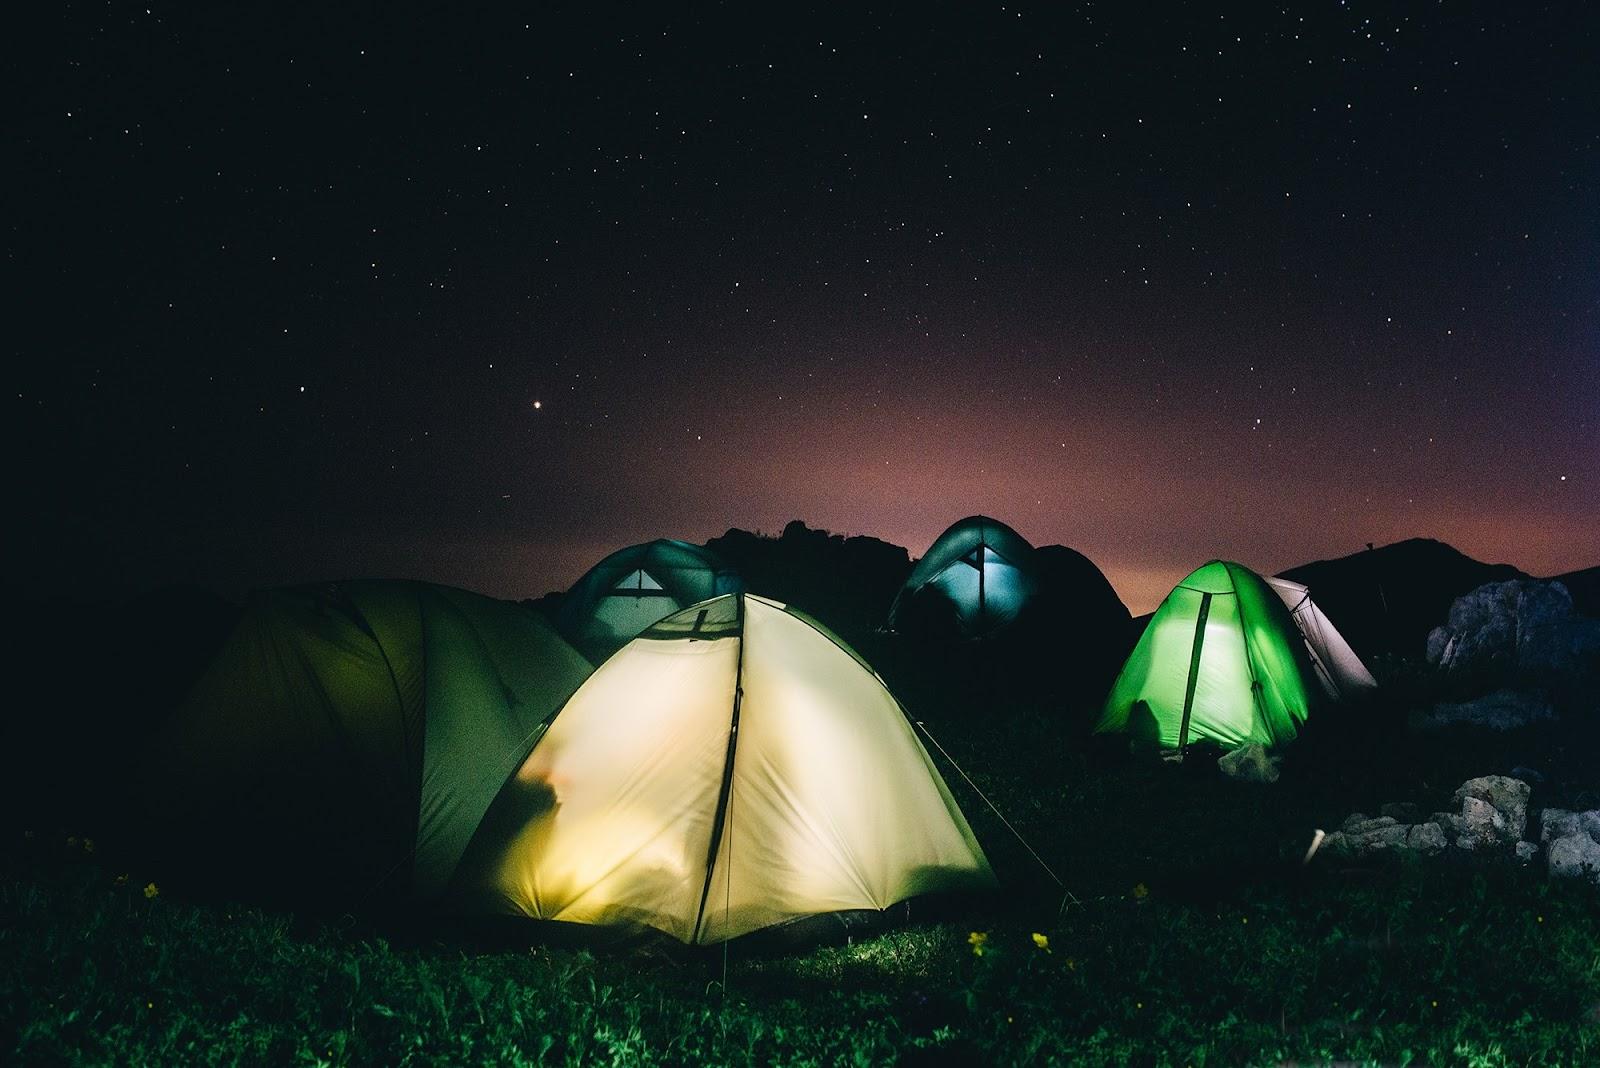 Фото 6. Освещение палаток в походе по Абхазии